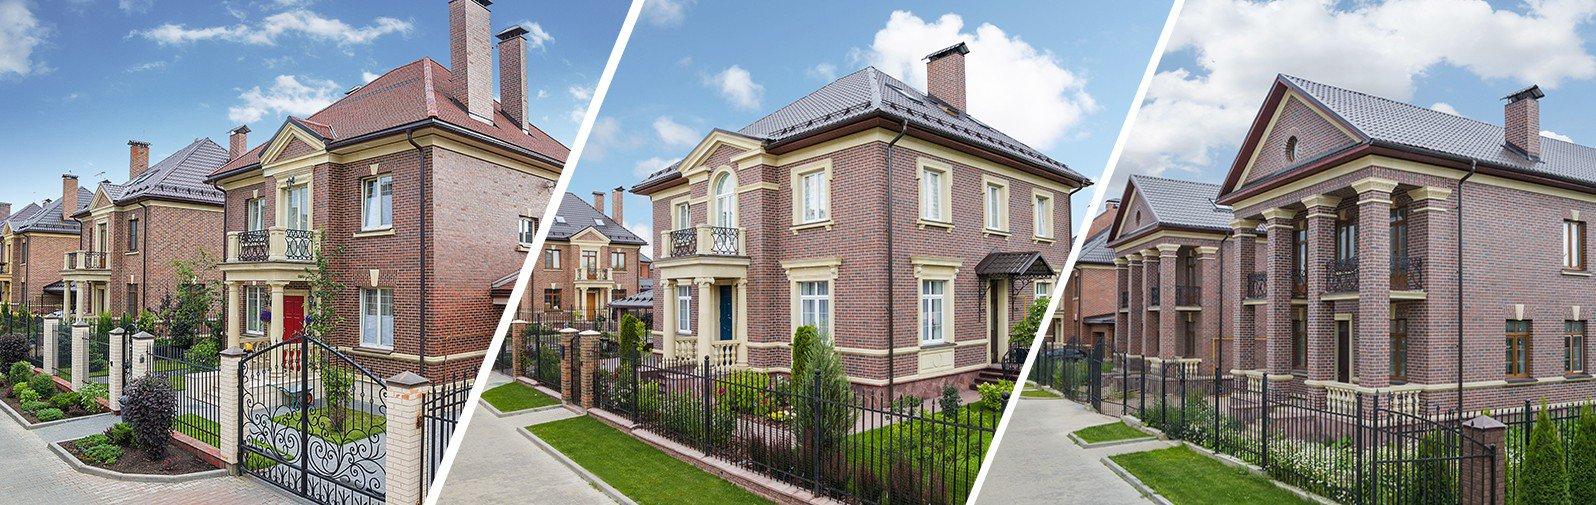 Строительство и продажа домов в английском стиле в 24 км. от МКАД